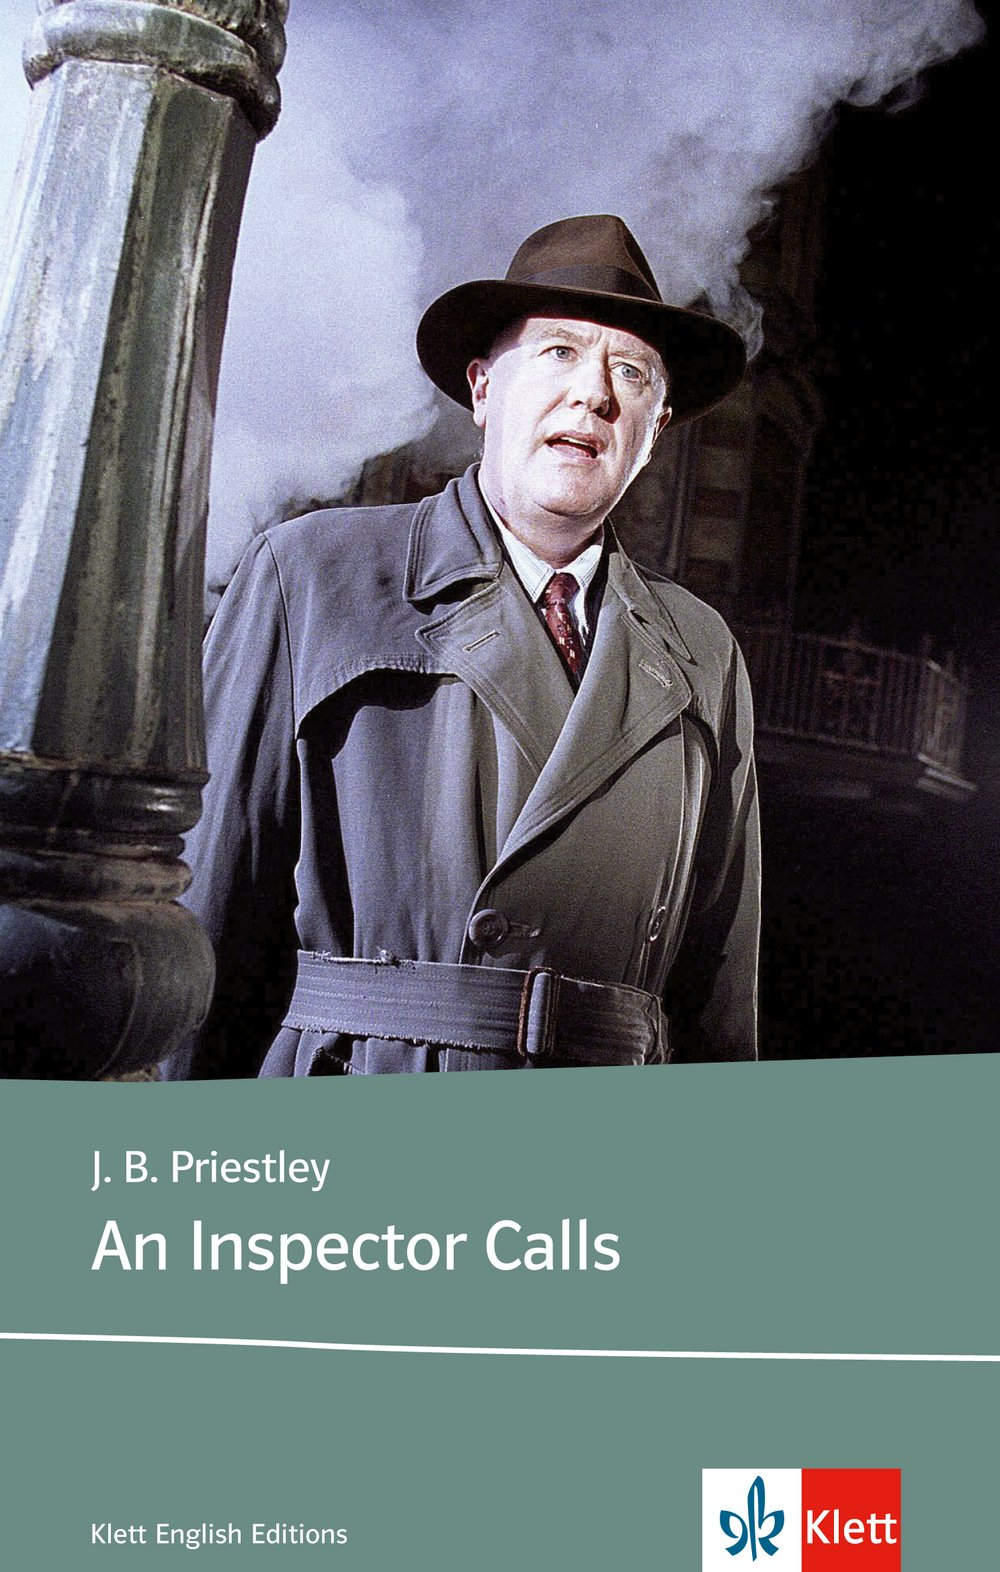 An Inspector Calls: Schulausgabe für das Niveau B2, ab dem 6. Lernjahr. Ungekürzter englischer Originaltext mit Annotationen (Klett English Editions)